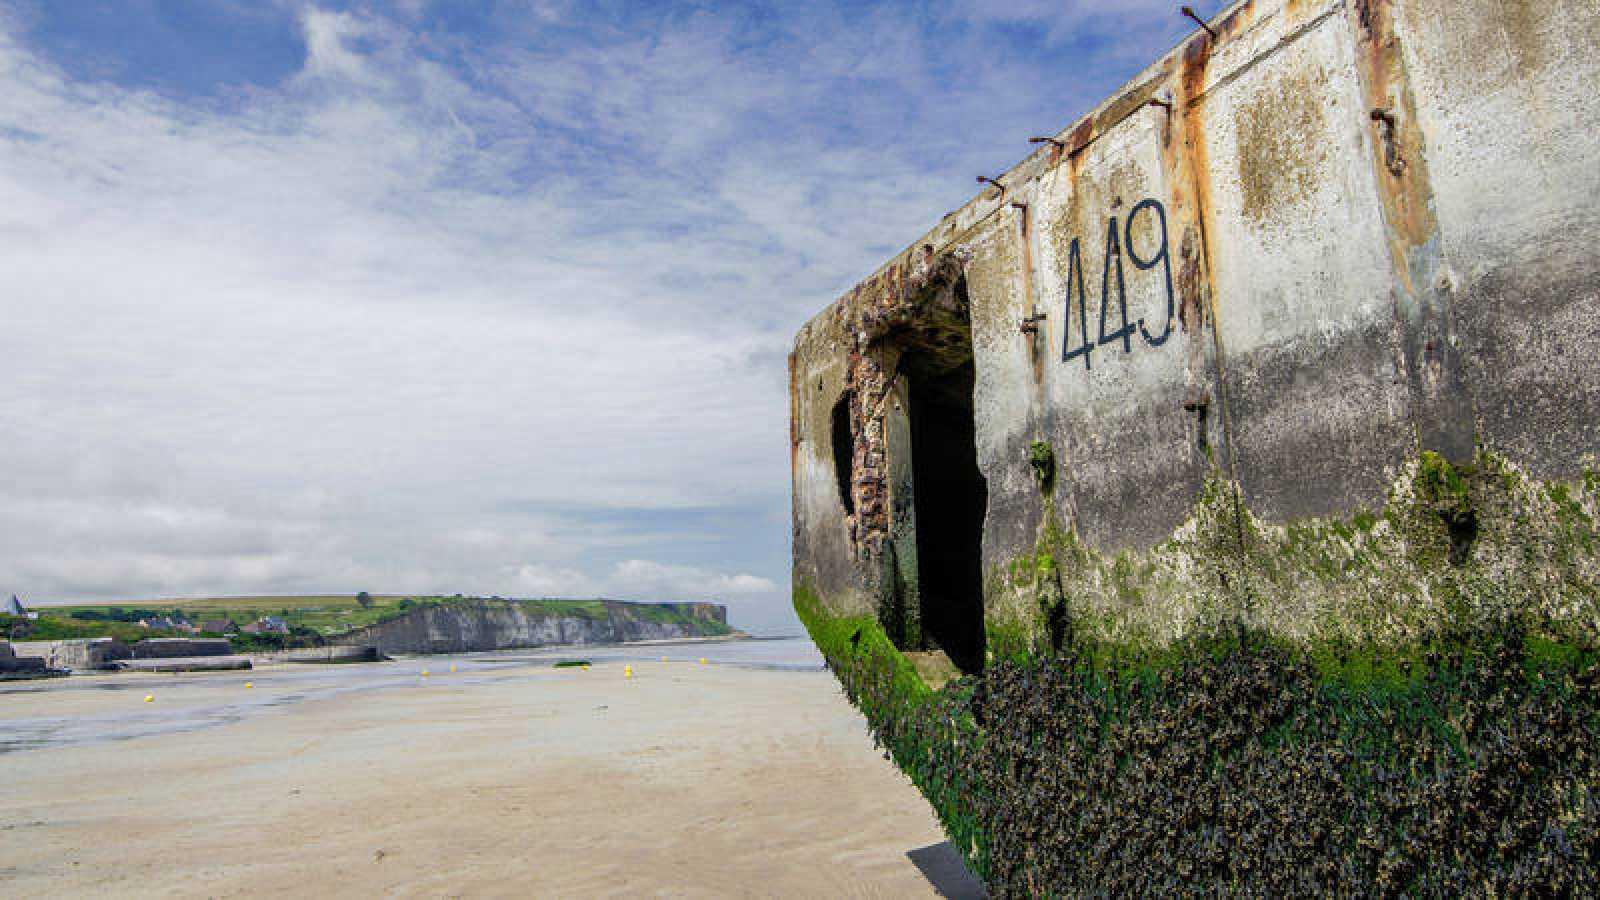 El desembarco de Normandía se produjo el 6 de junio de 1944.